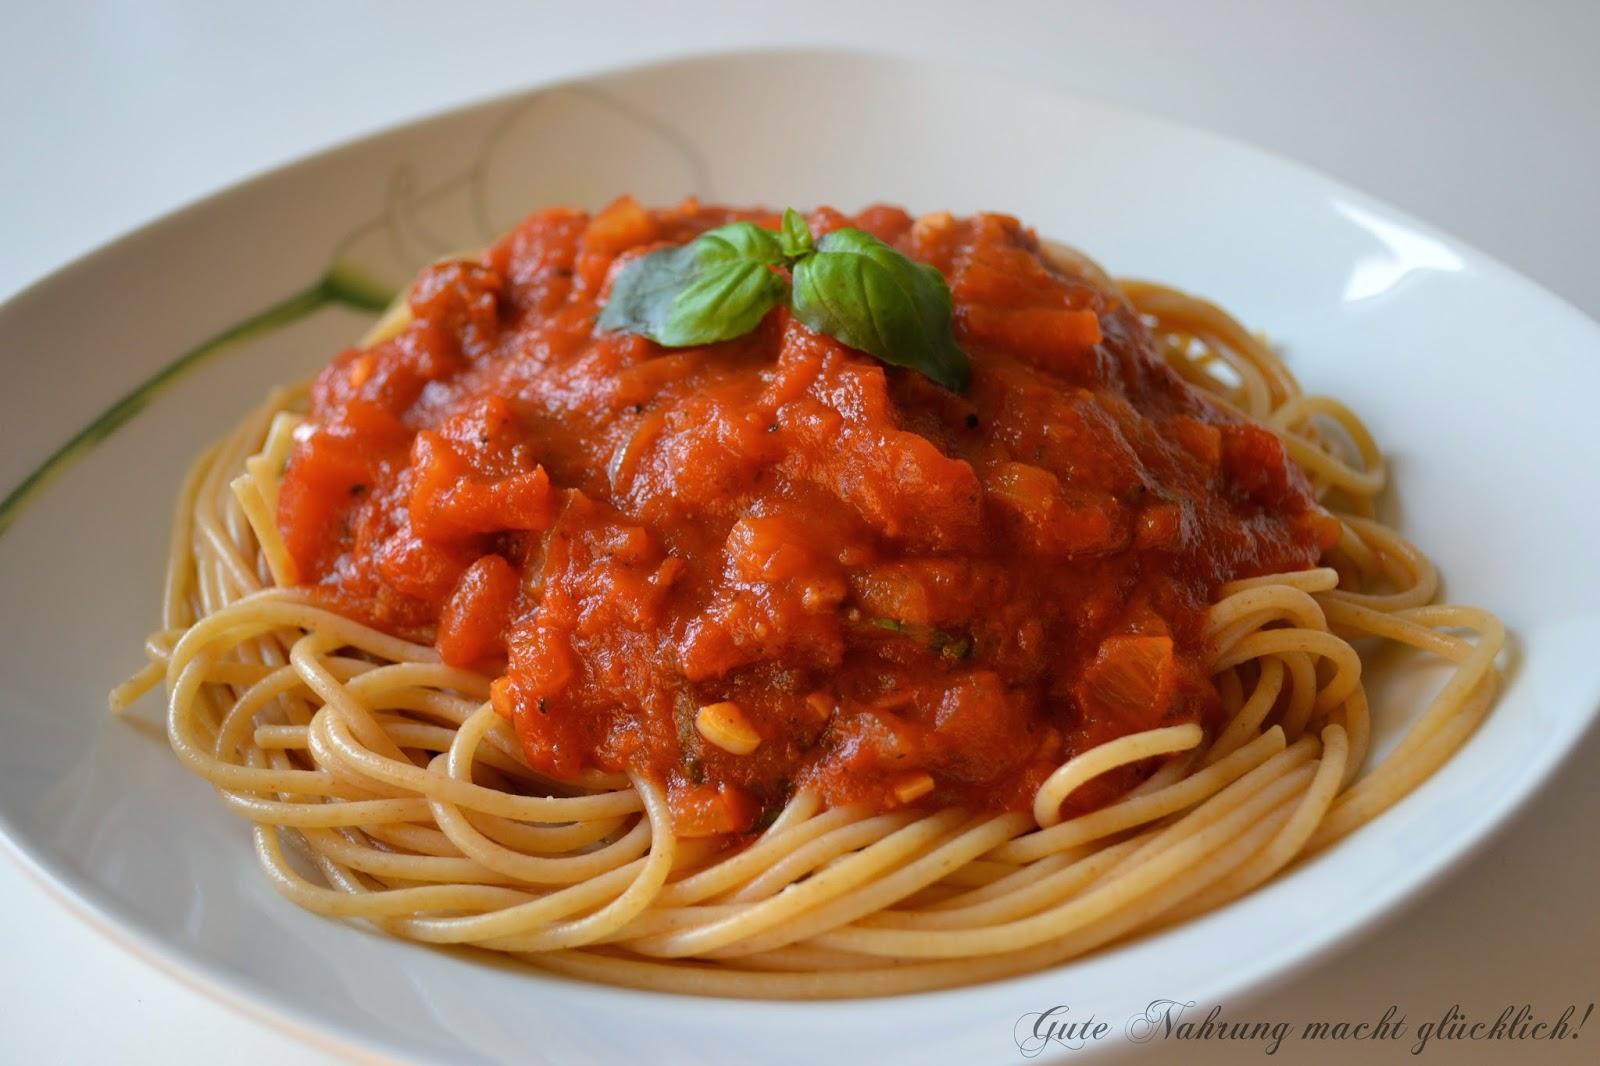 gute nahrung macht gl cklich spaghetti mit tomatensauce. Black Bedroom Furniture Sets. Home Design Ideas